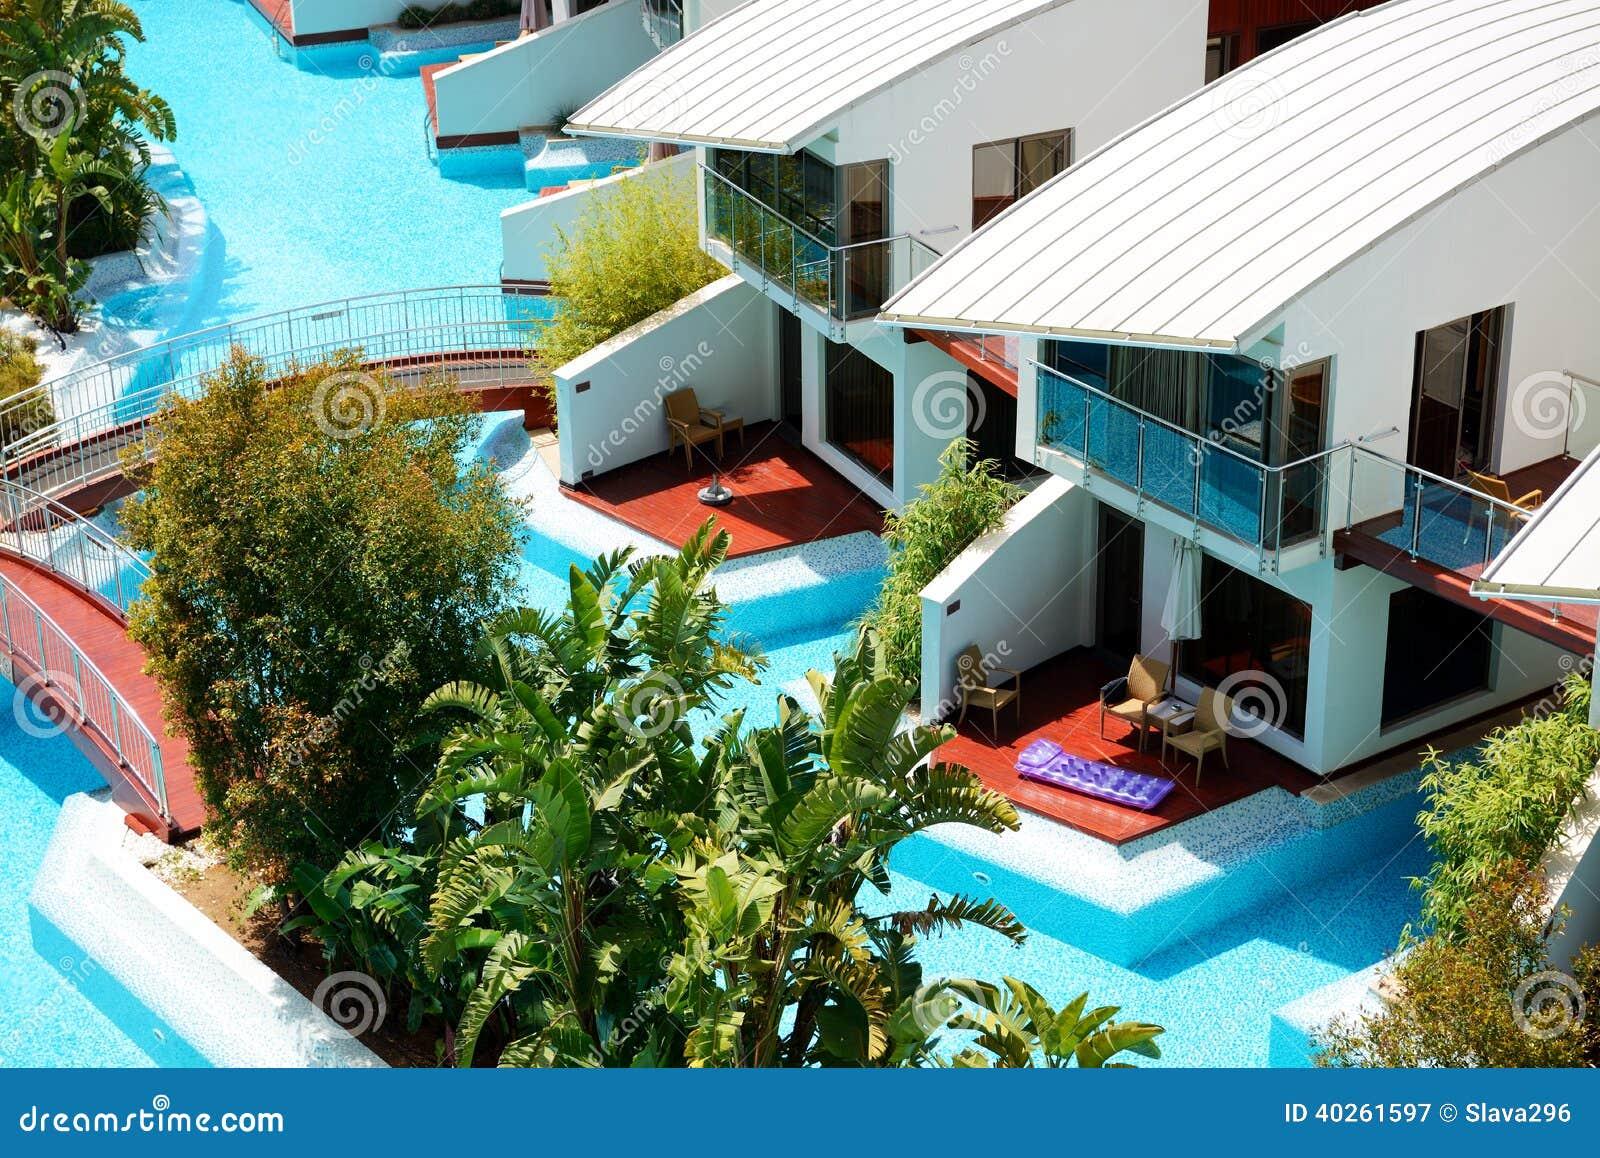 Casas de campo modernas com piscina no hotel de luxo foto - Casas de campo modernas ...